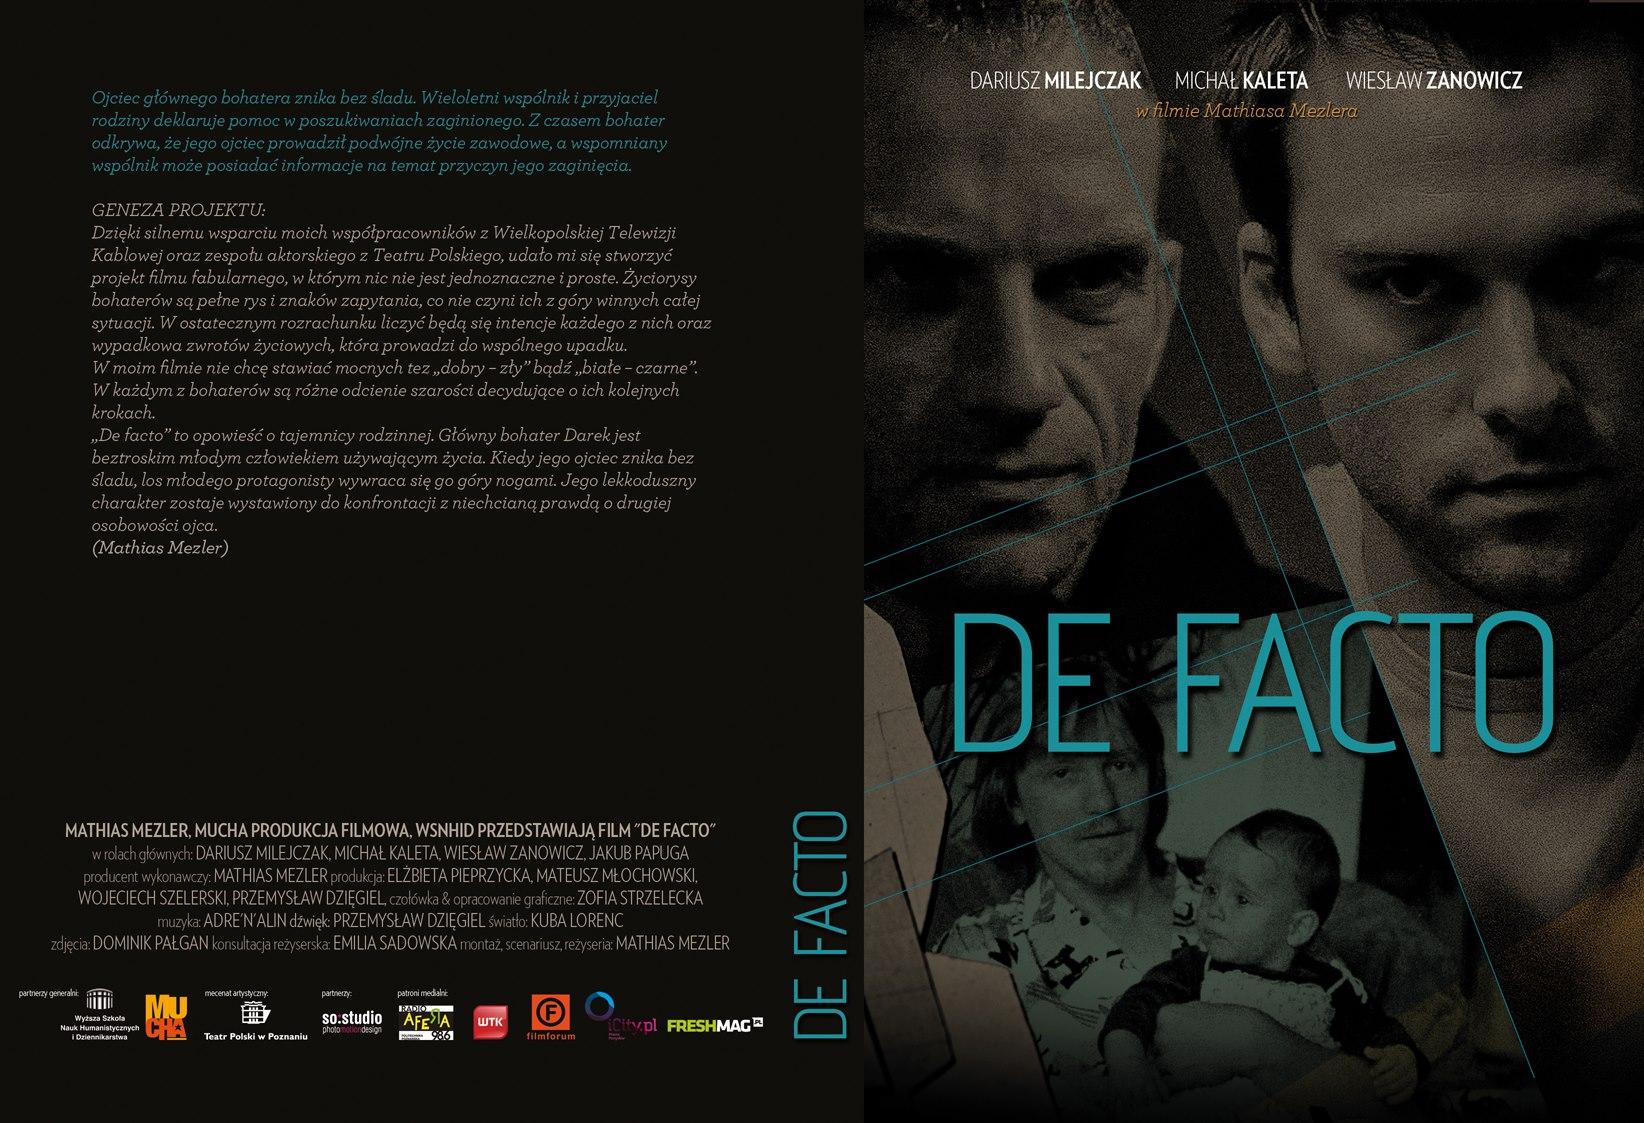 okładka film De facto